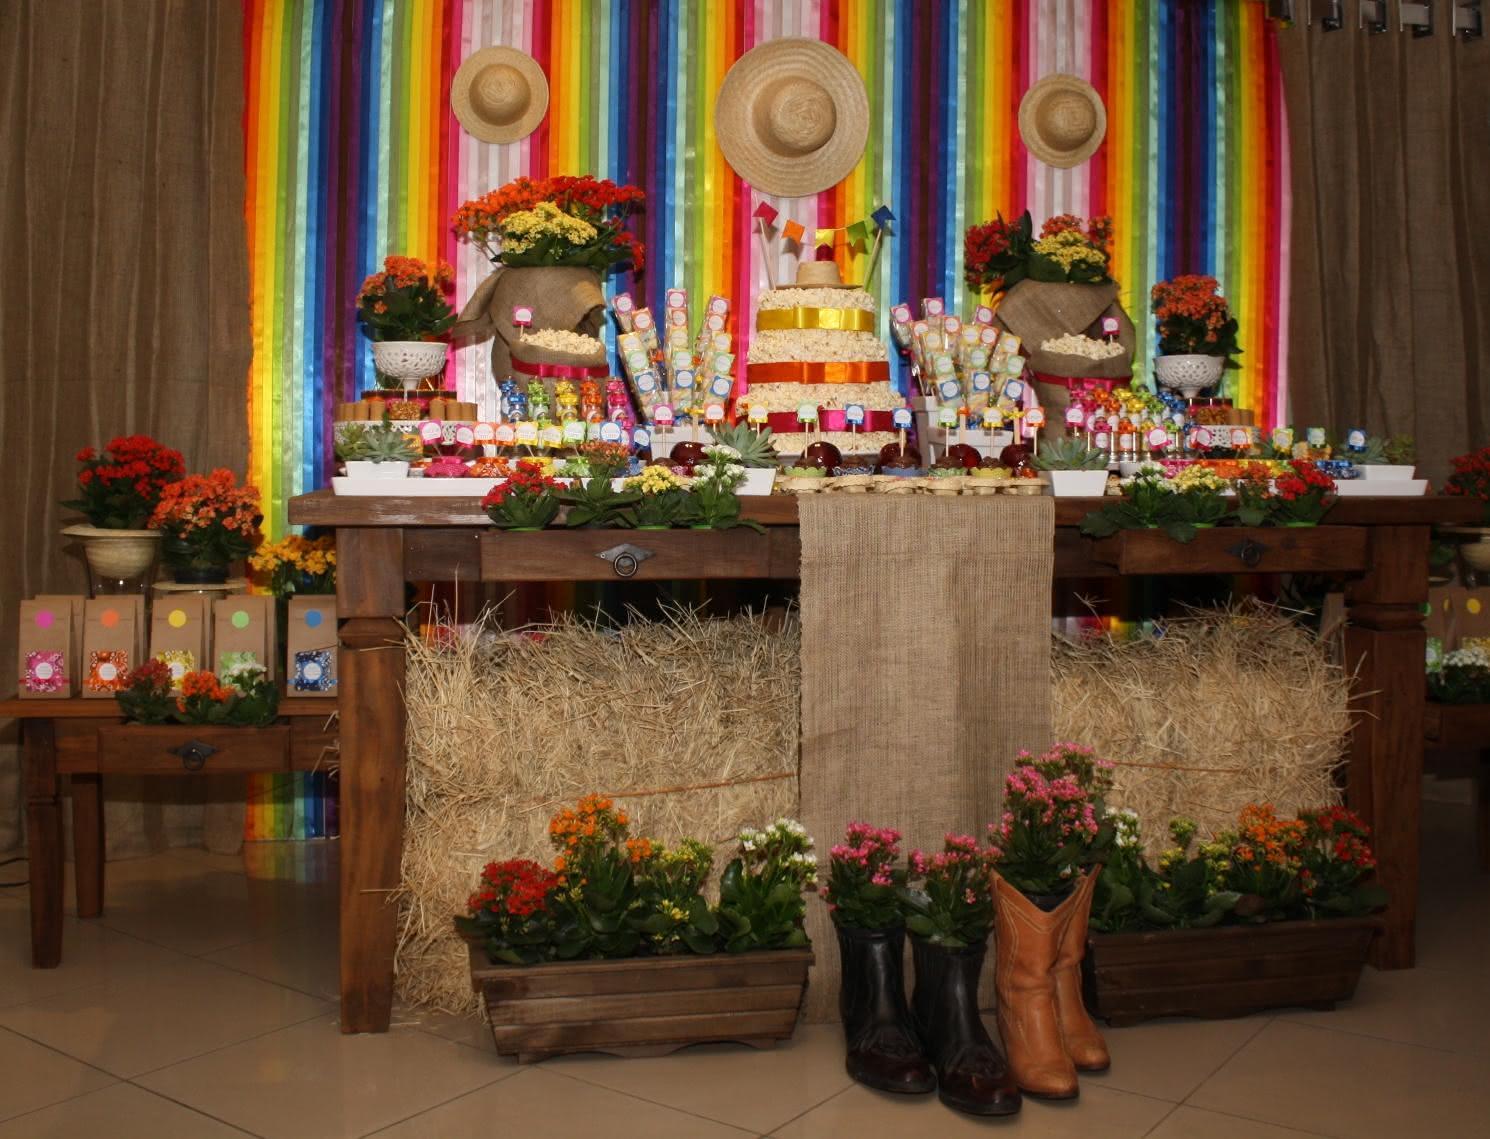 festa boteco decoracao rustica : festa boteco decoracao rustica:Imagem 2 – Mesa com comidas para decoração de Festa Junina